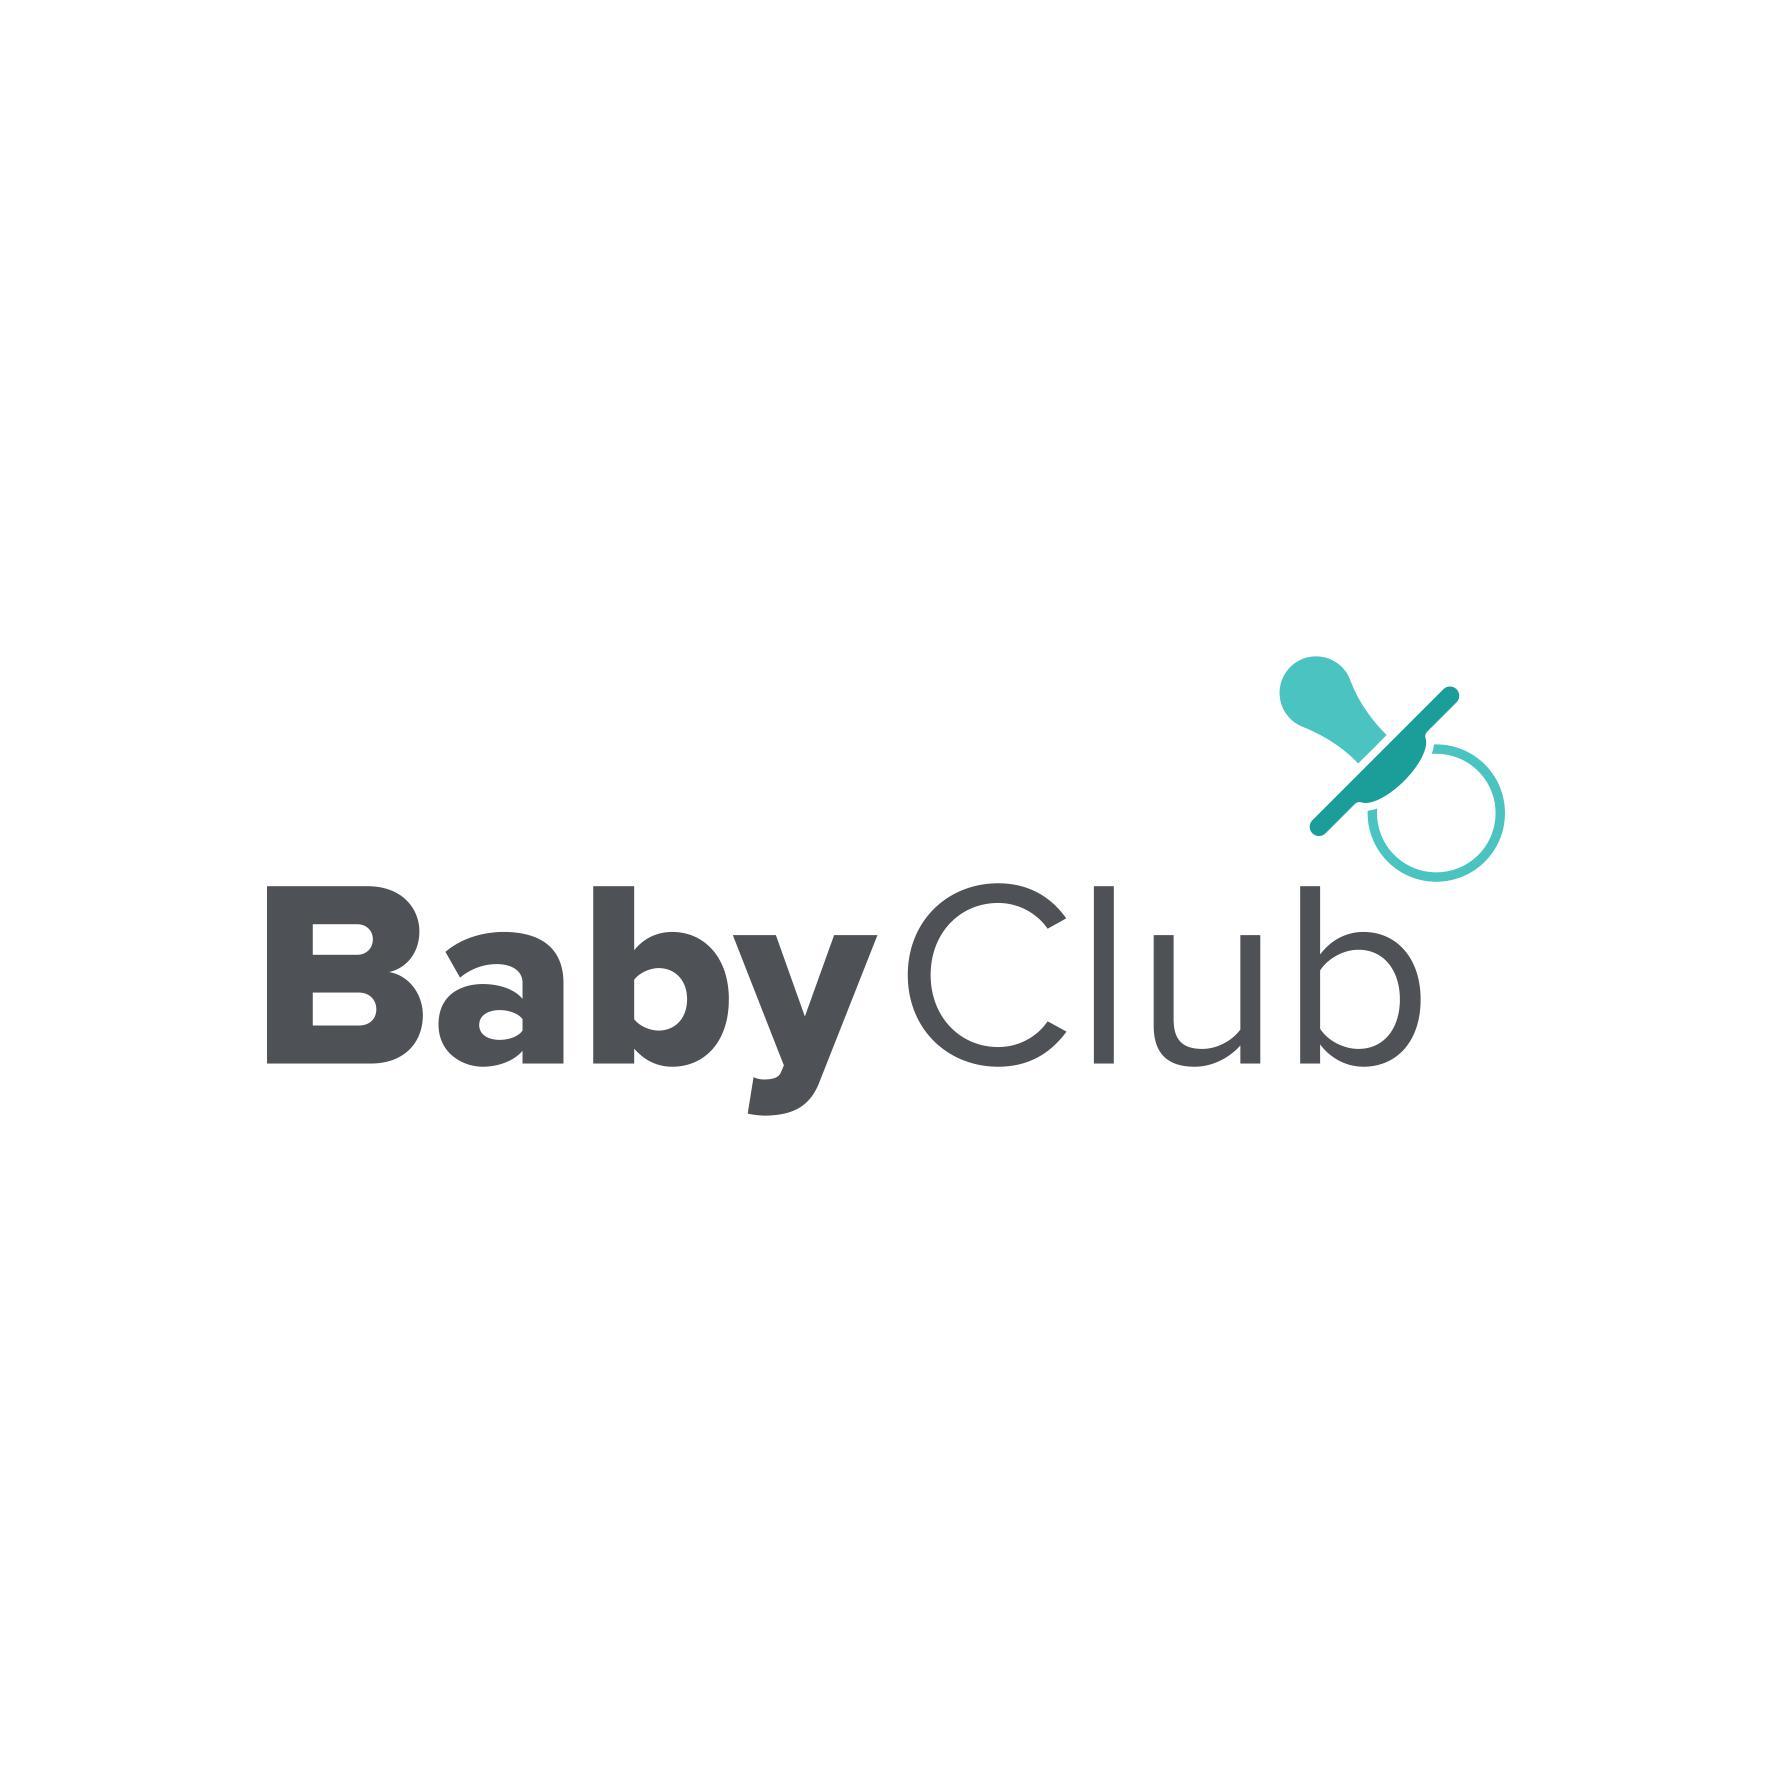 babyclub3